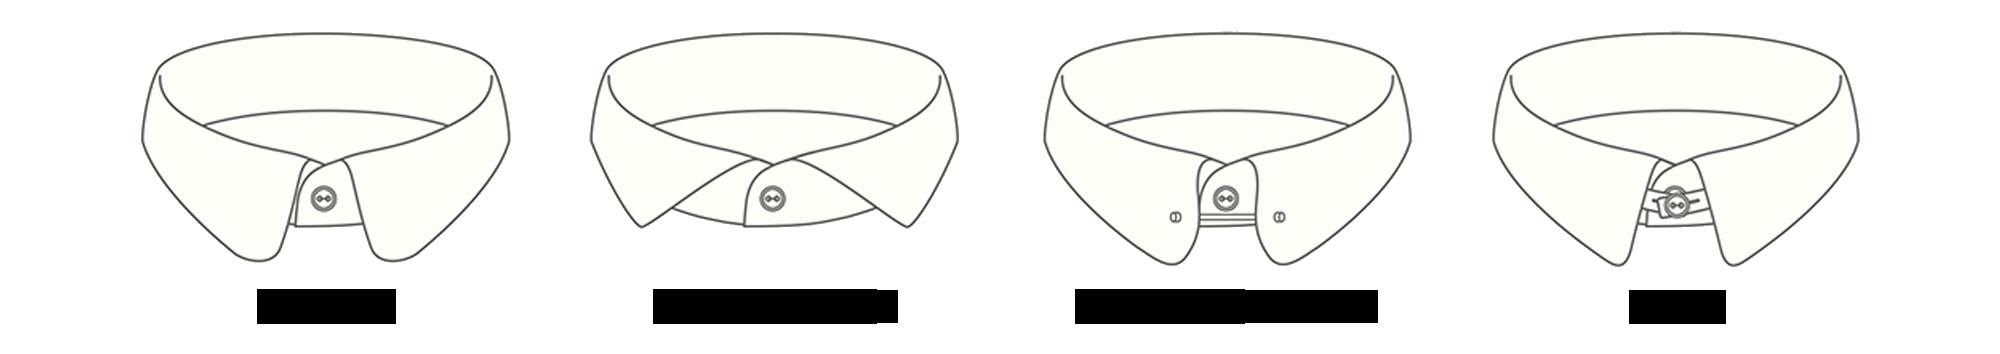 Kragenformen-Kopie